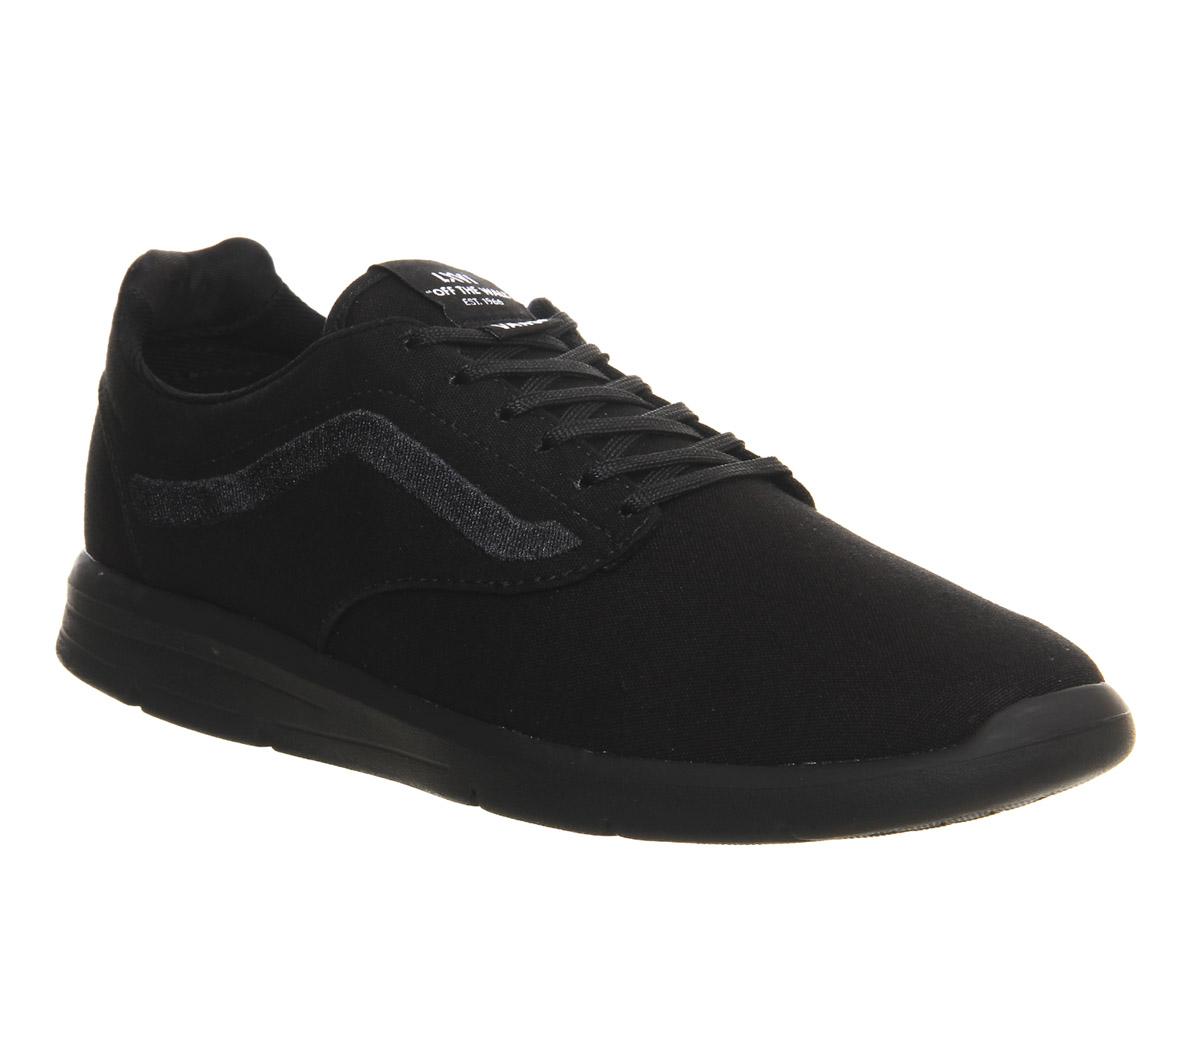 All Black Vans Boat Shoes